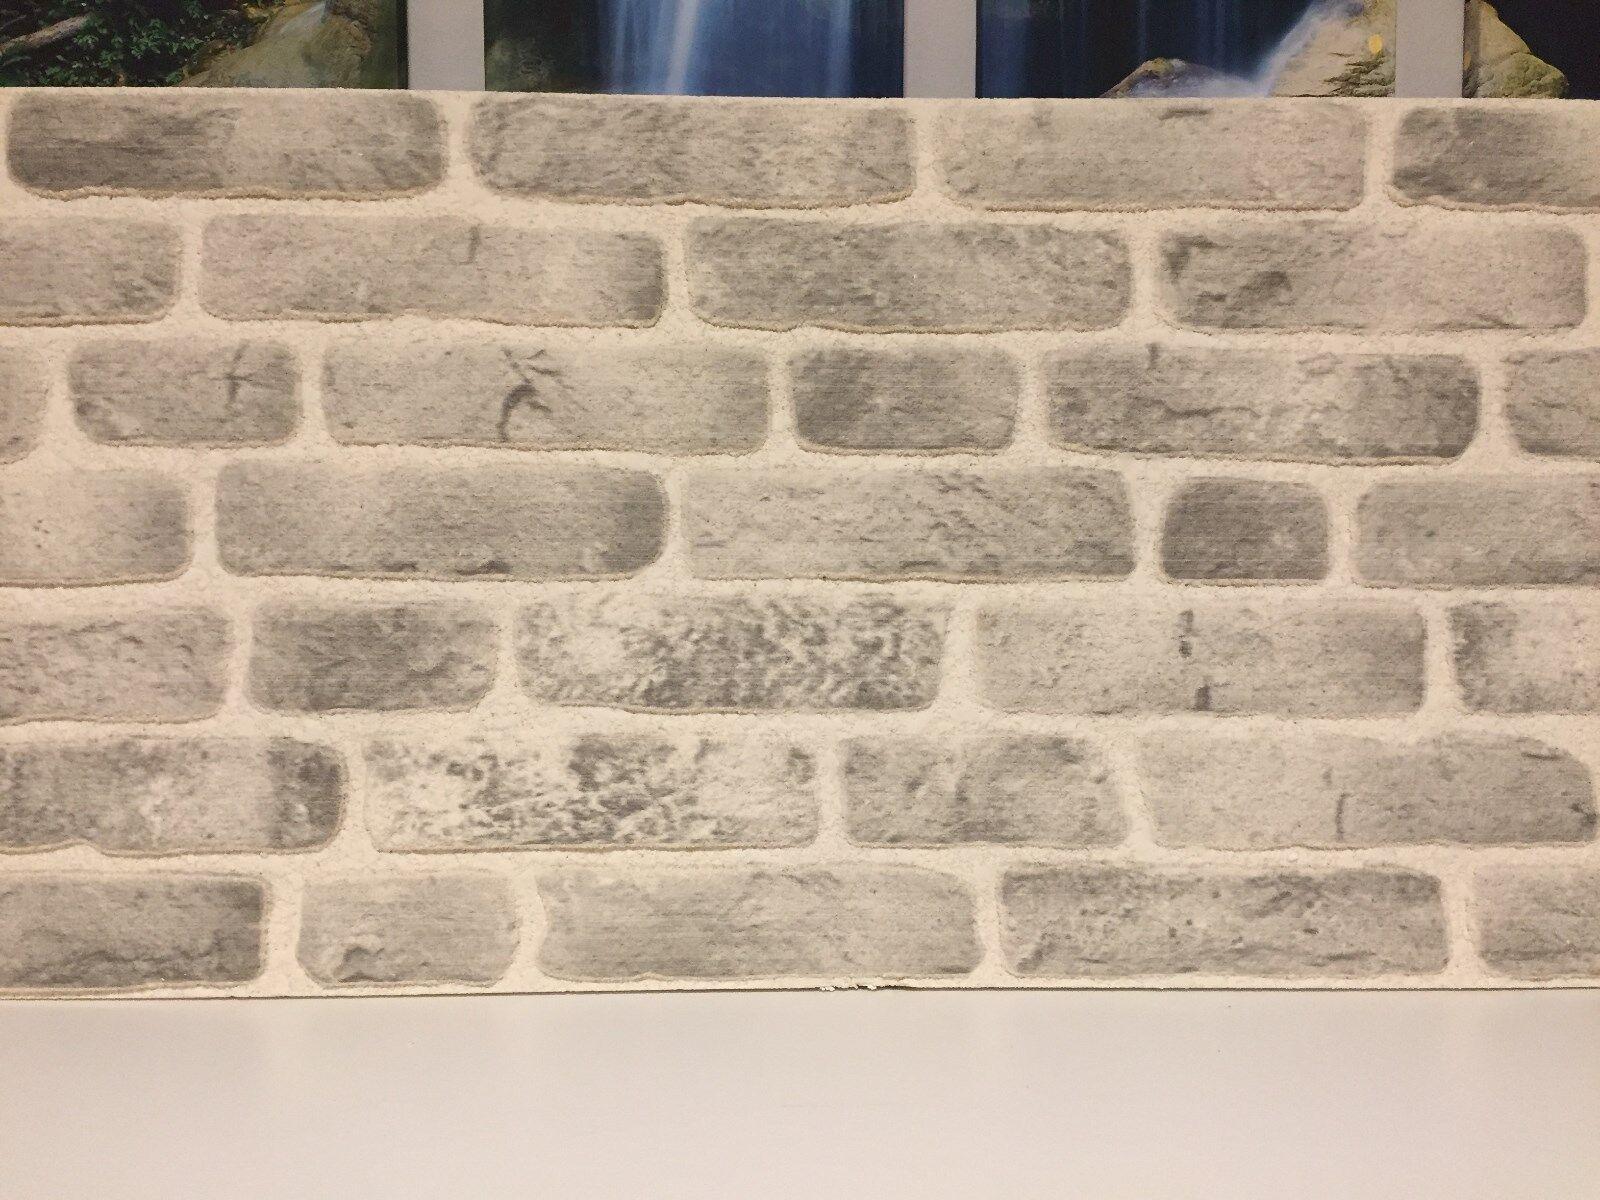 Ausgezeichnet Styropor Steinwand Bilder - Innenarchitektur ...